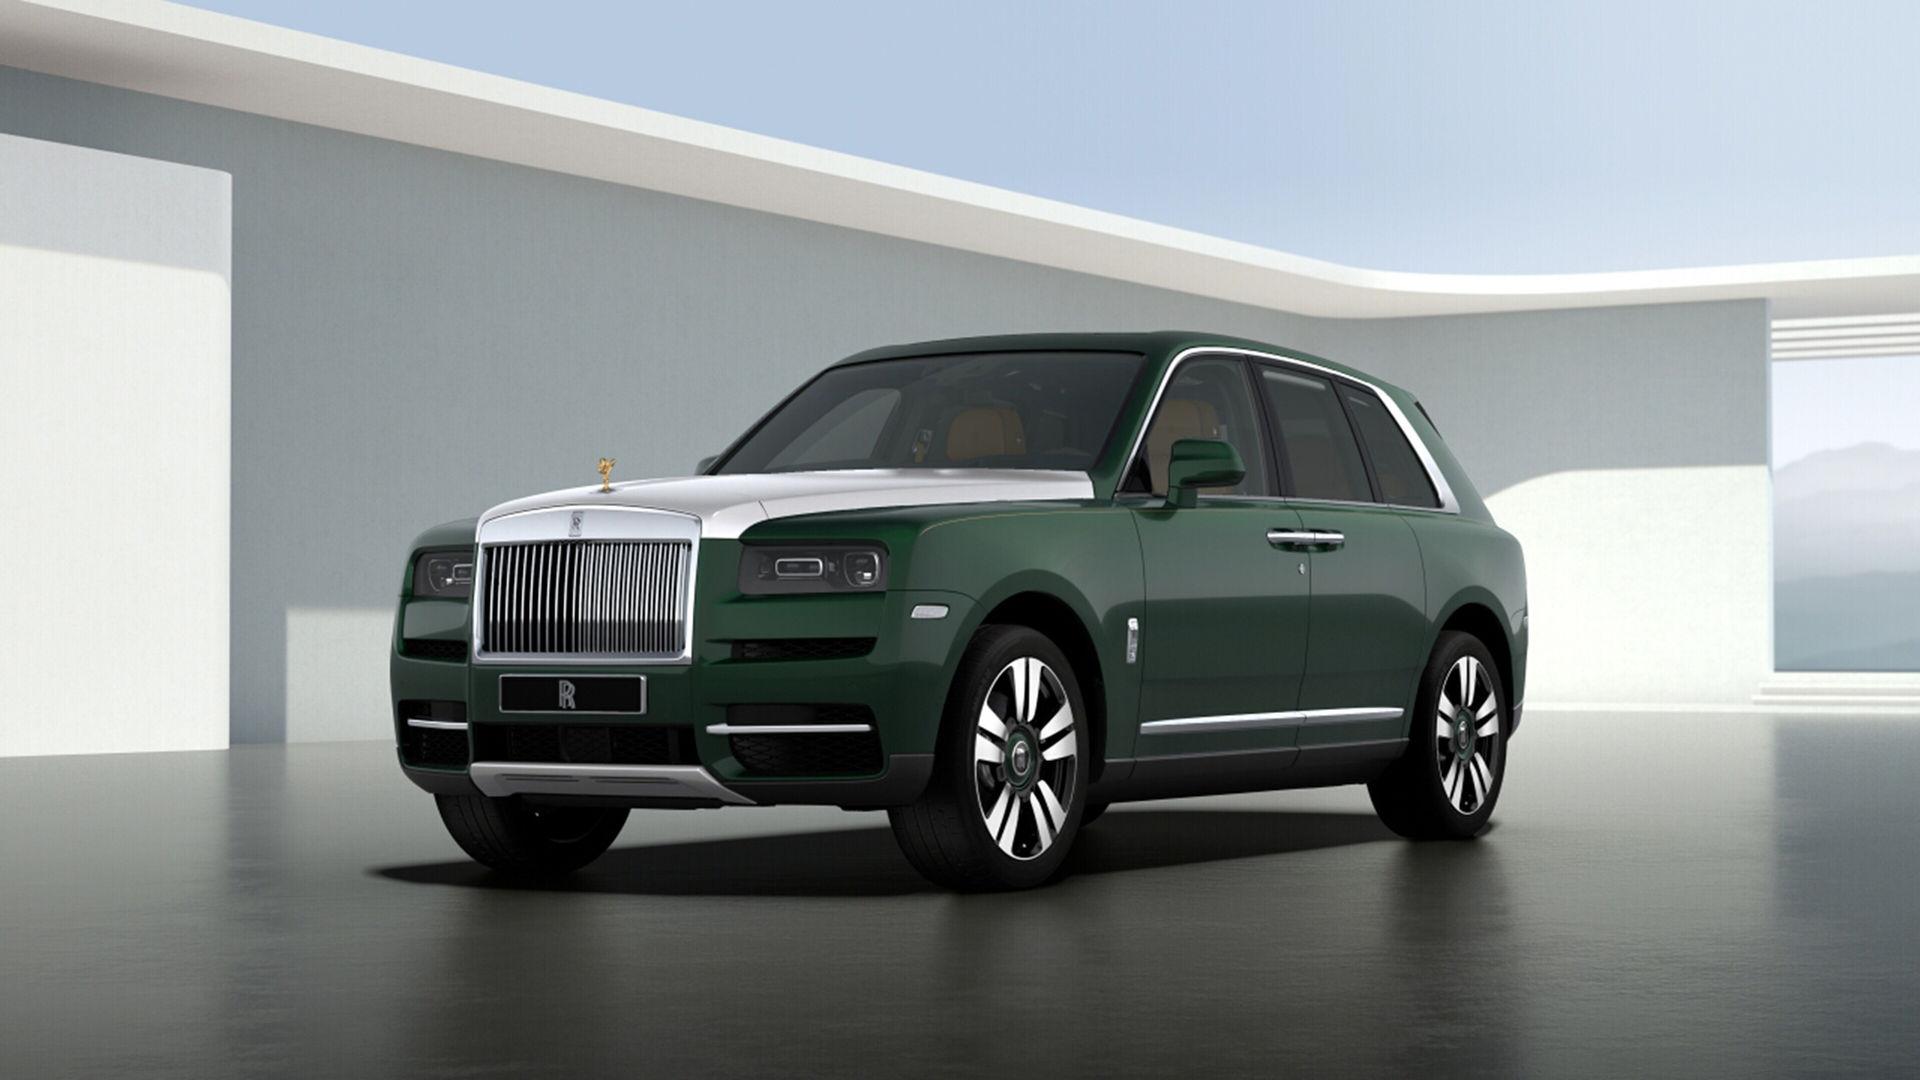 Nu kan du bygga din Rolls-Royce Cullinan på nätet